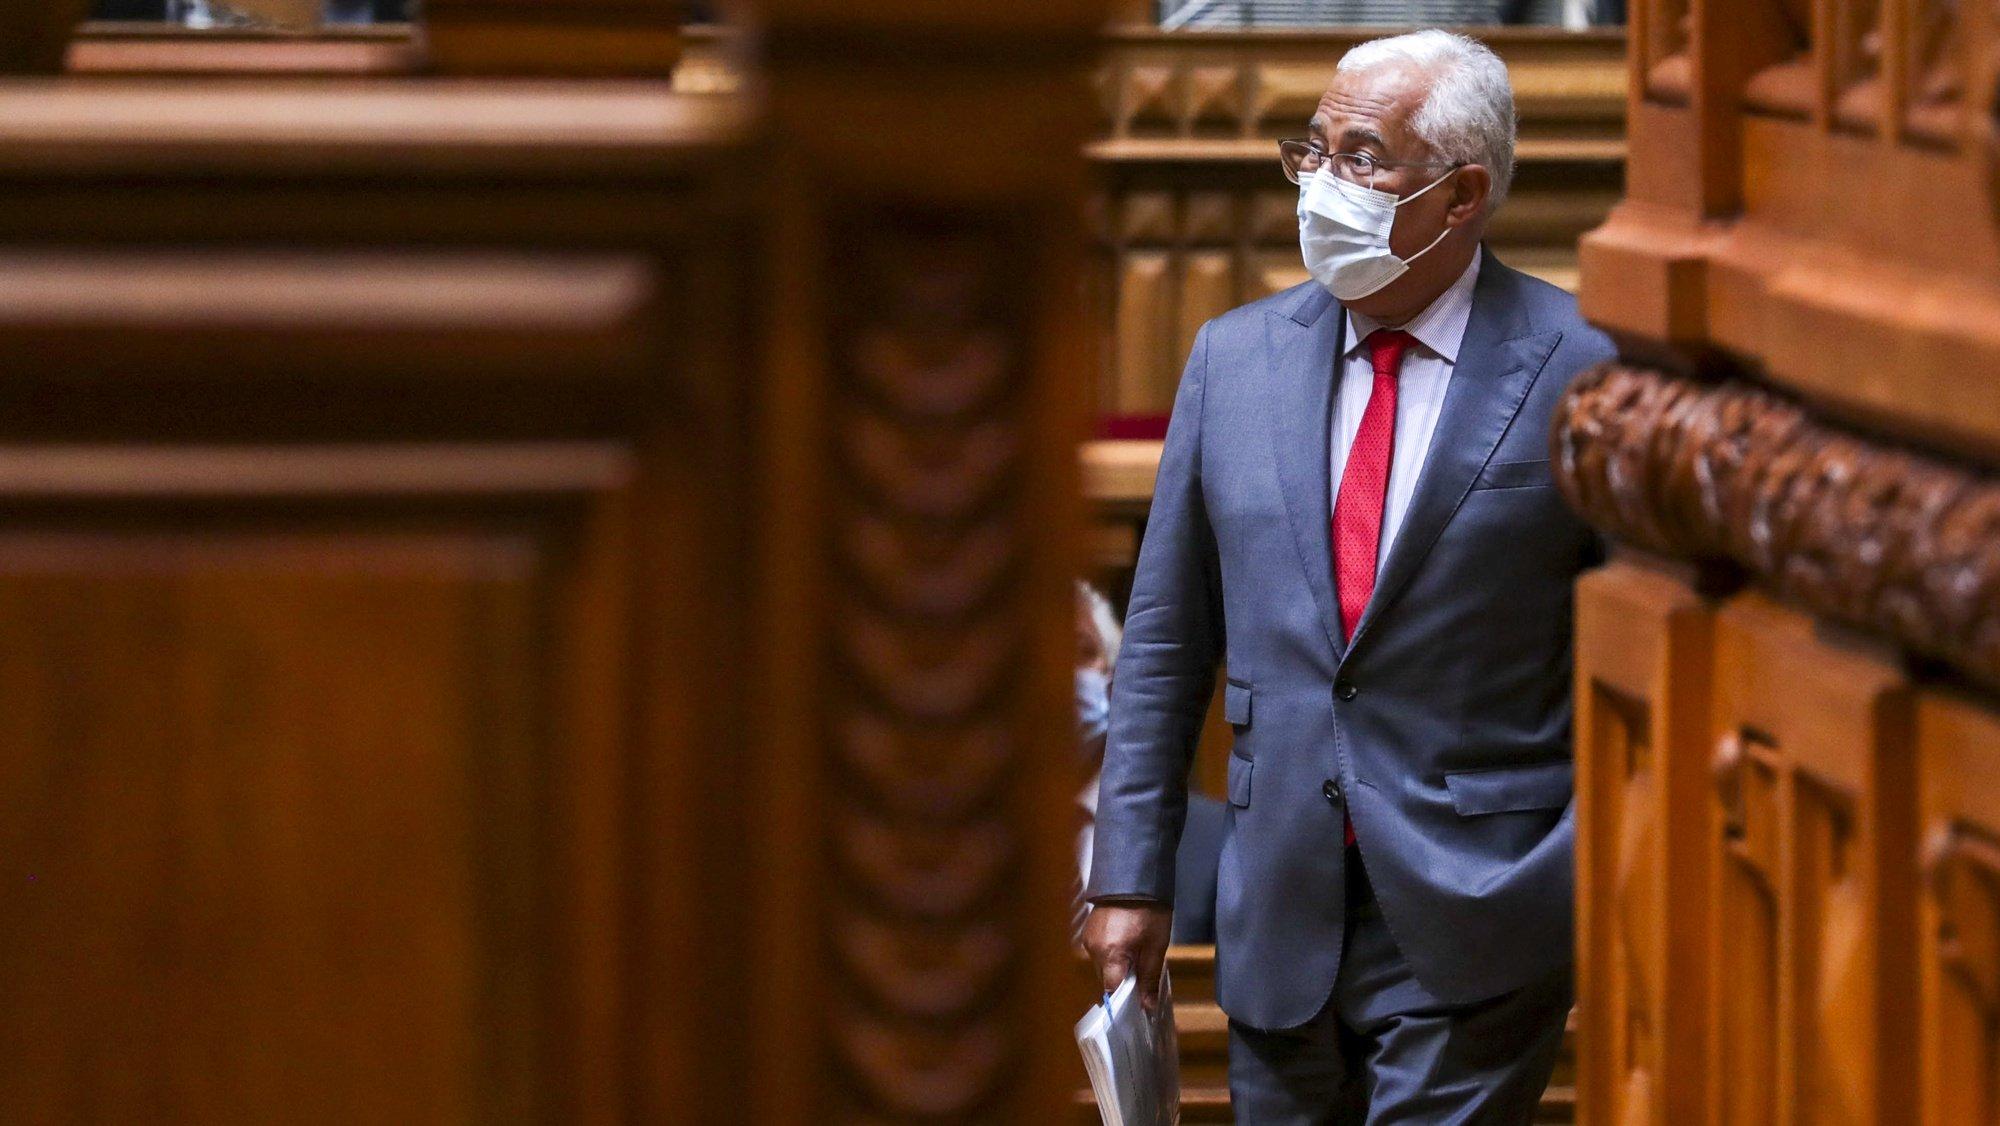 O primeiro-ministro, António Costa, à chegada para a sessão plenária do debate preparatório do Conselho Europeu, na Assembleia da República, em Lisboa, 20 de outubro 2021. TIAGO PETINGA/LUSA